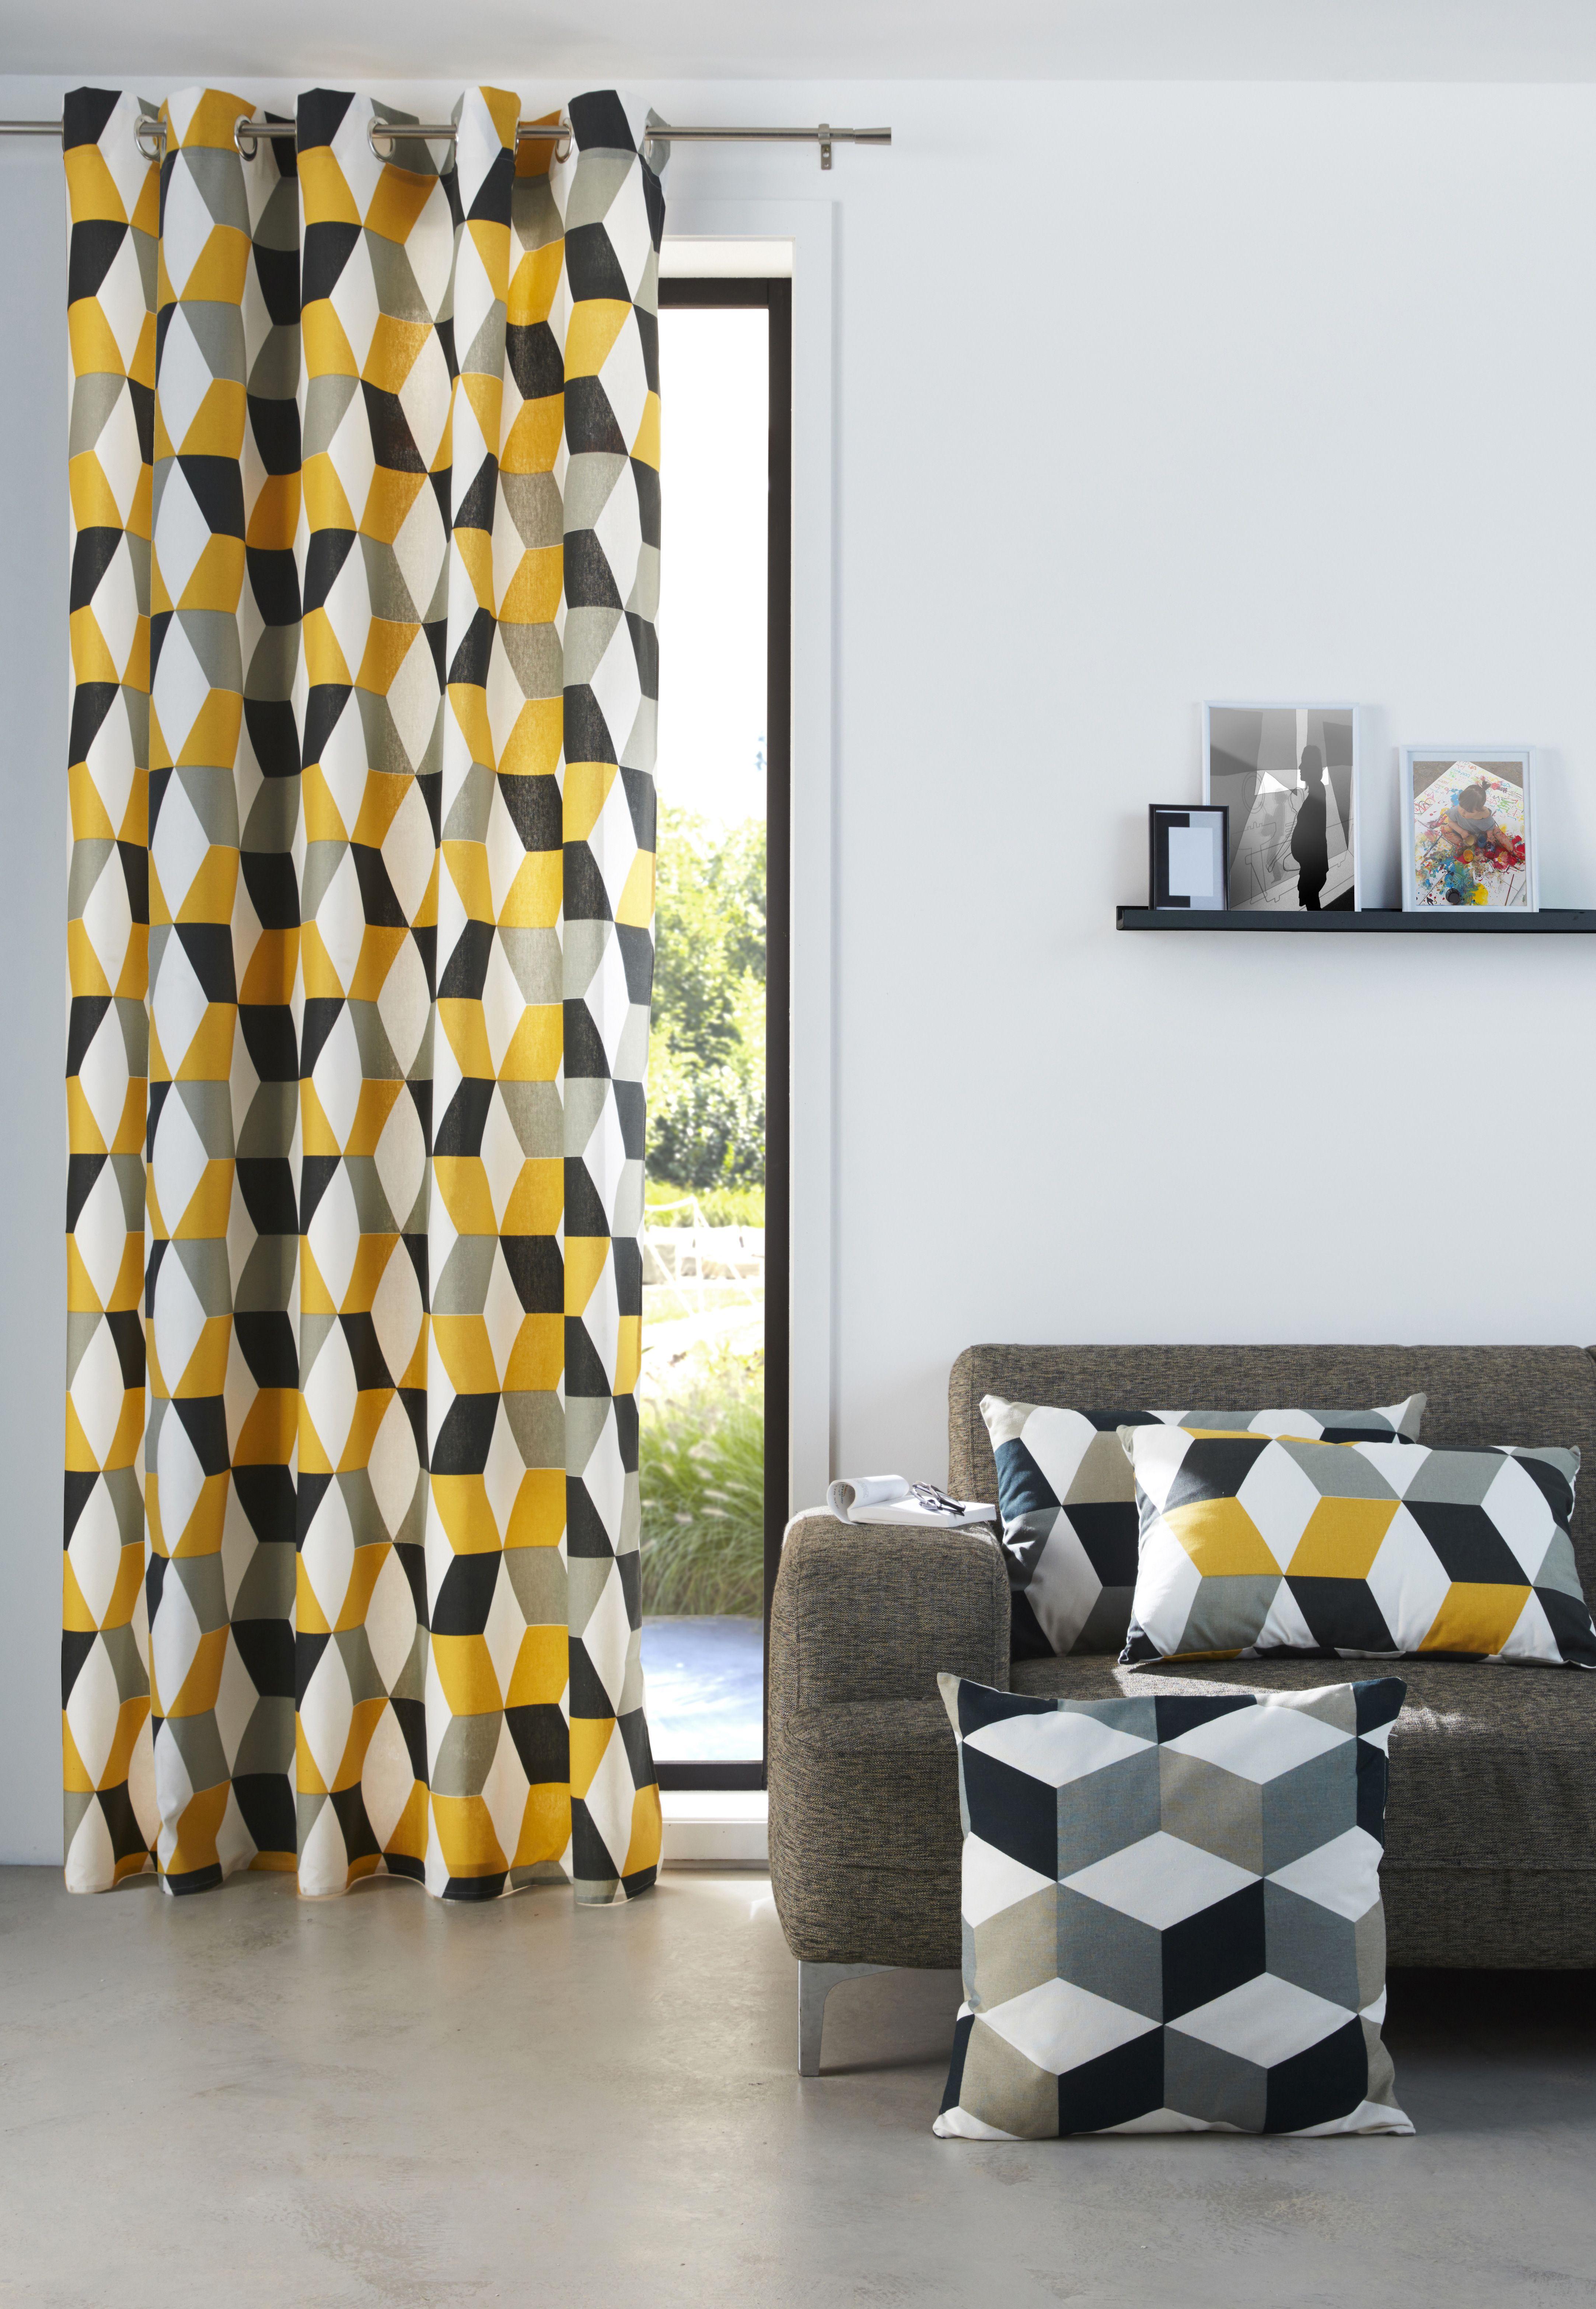 coussin bernau 3d gris 50 x 50 cm deco moderne les rideaux et dynamique. Black Bedroom Furniture Sets. Home Design Ideas